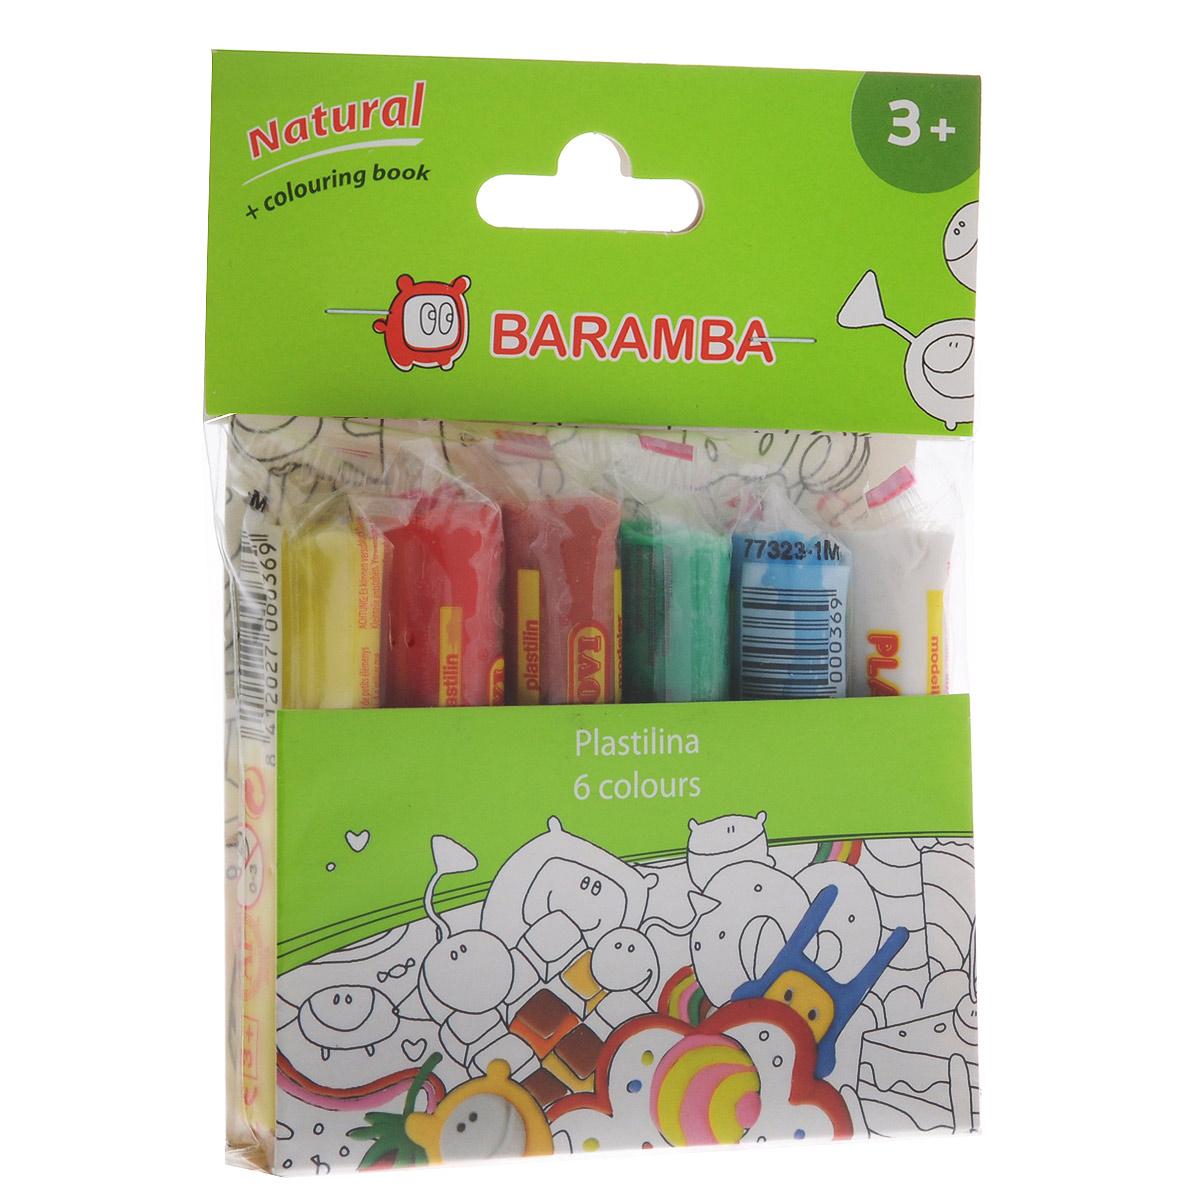 Пластилин Baramba, 6 цветов, с раскраскойB26006Пластилин Baramba с раскраской - это отличная возможность познакомить ребенка с еще одним из видов изобразительного творчества, в котором создаются объемные образы и целые композиции. В набор входит пластилин 6 ярких цветов (белый, голубой, зеленый, коричневый, красный, желтый). Цвета пластилина легко смешиваются между собой, и таким образом можно получить новые оттенки. Пластилин на растительной основе, очень мягкий, содержит натуральные масла и воск, легко смешивается друг с другом и не липнет к рукам. Техника лепки богата и разнообразна, но при этом доступна даже маленьким детям. В комплект также входит раскраска с изображением, которое малыш сможет раскрасить с помощью пластилина. Занятие лепкой не только увлекательно, но и полезно для ребенка. Оно способствует развитию творческого и пространственного мышления, восприятия формы, фактуры, цвета и веса, развивает воображение и мелкую моторику.